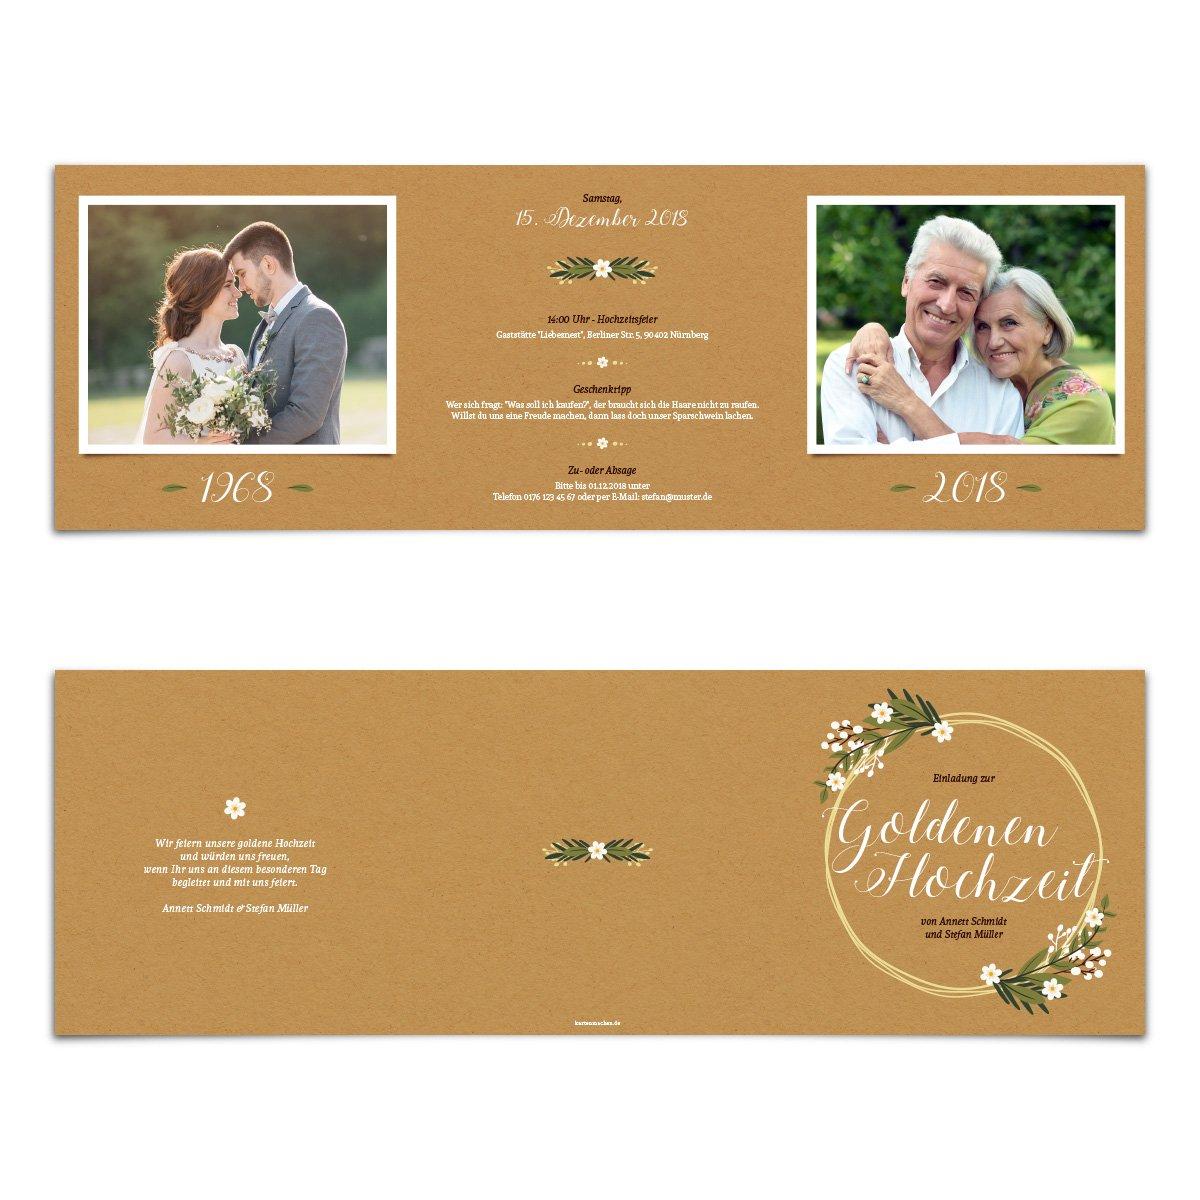 20 x Hochzeitseinladungen Goldhochzeit Goldene Hochzeit Einladung individuell - - - AltGold B07DQXN28L | Sonderpreis  | Schönes Design  | Elegante Form  be71ba